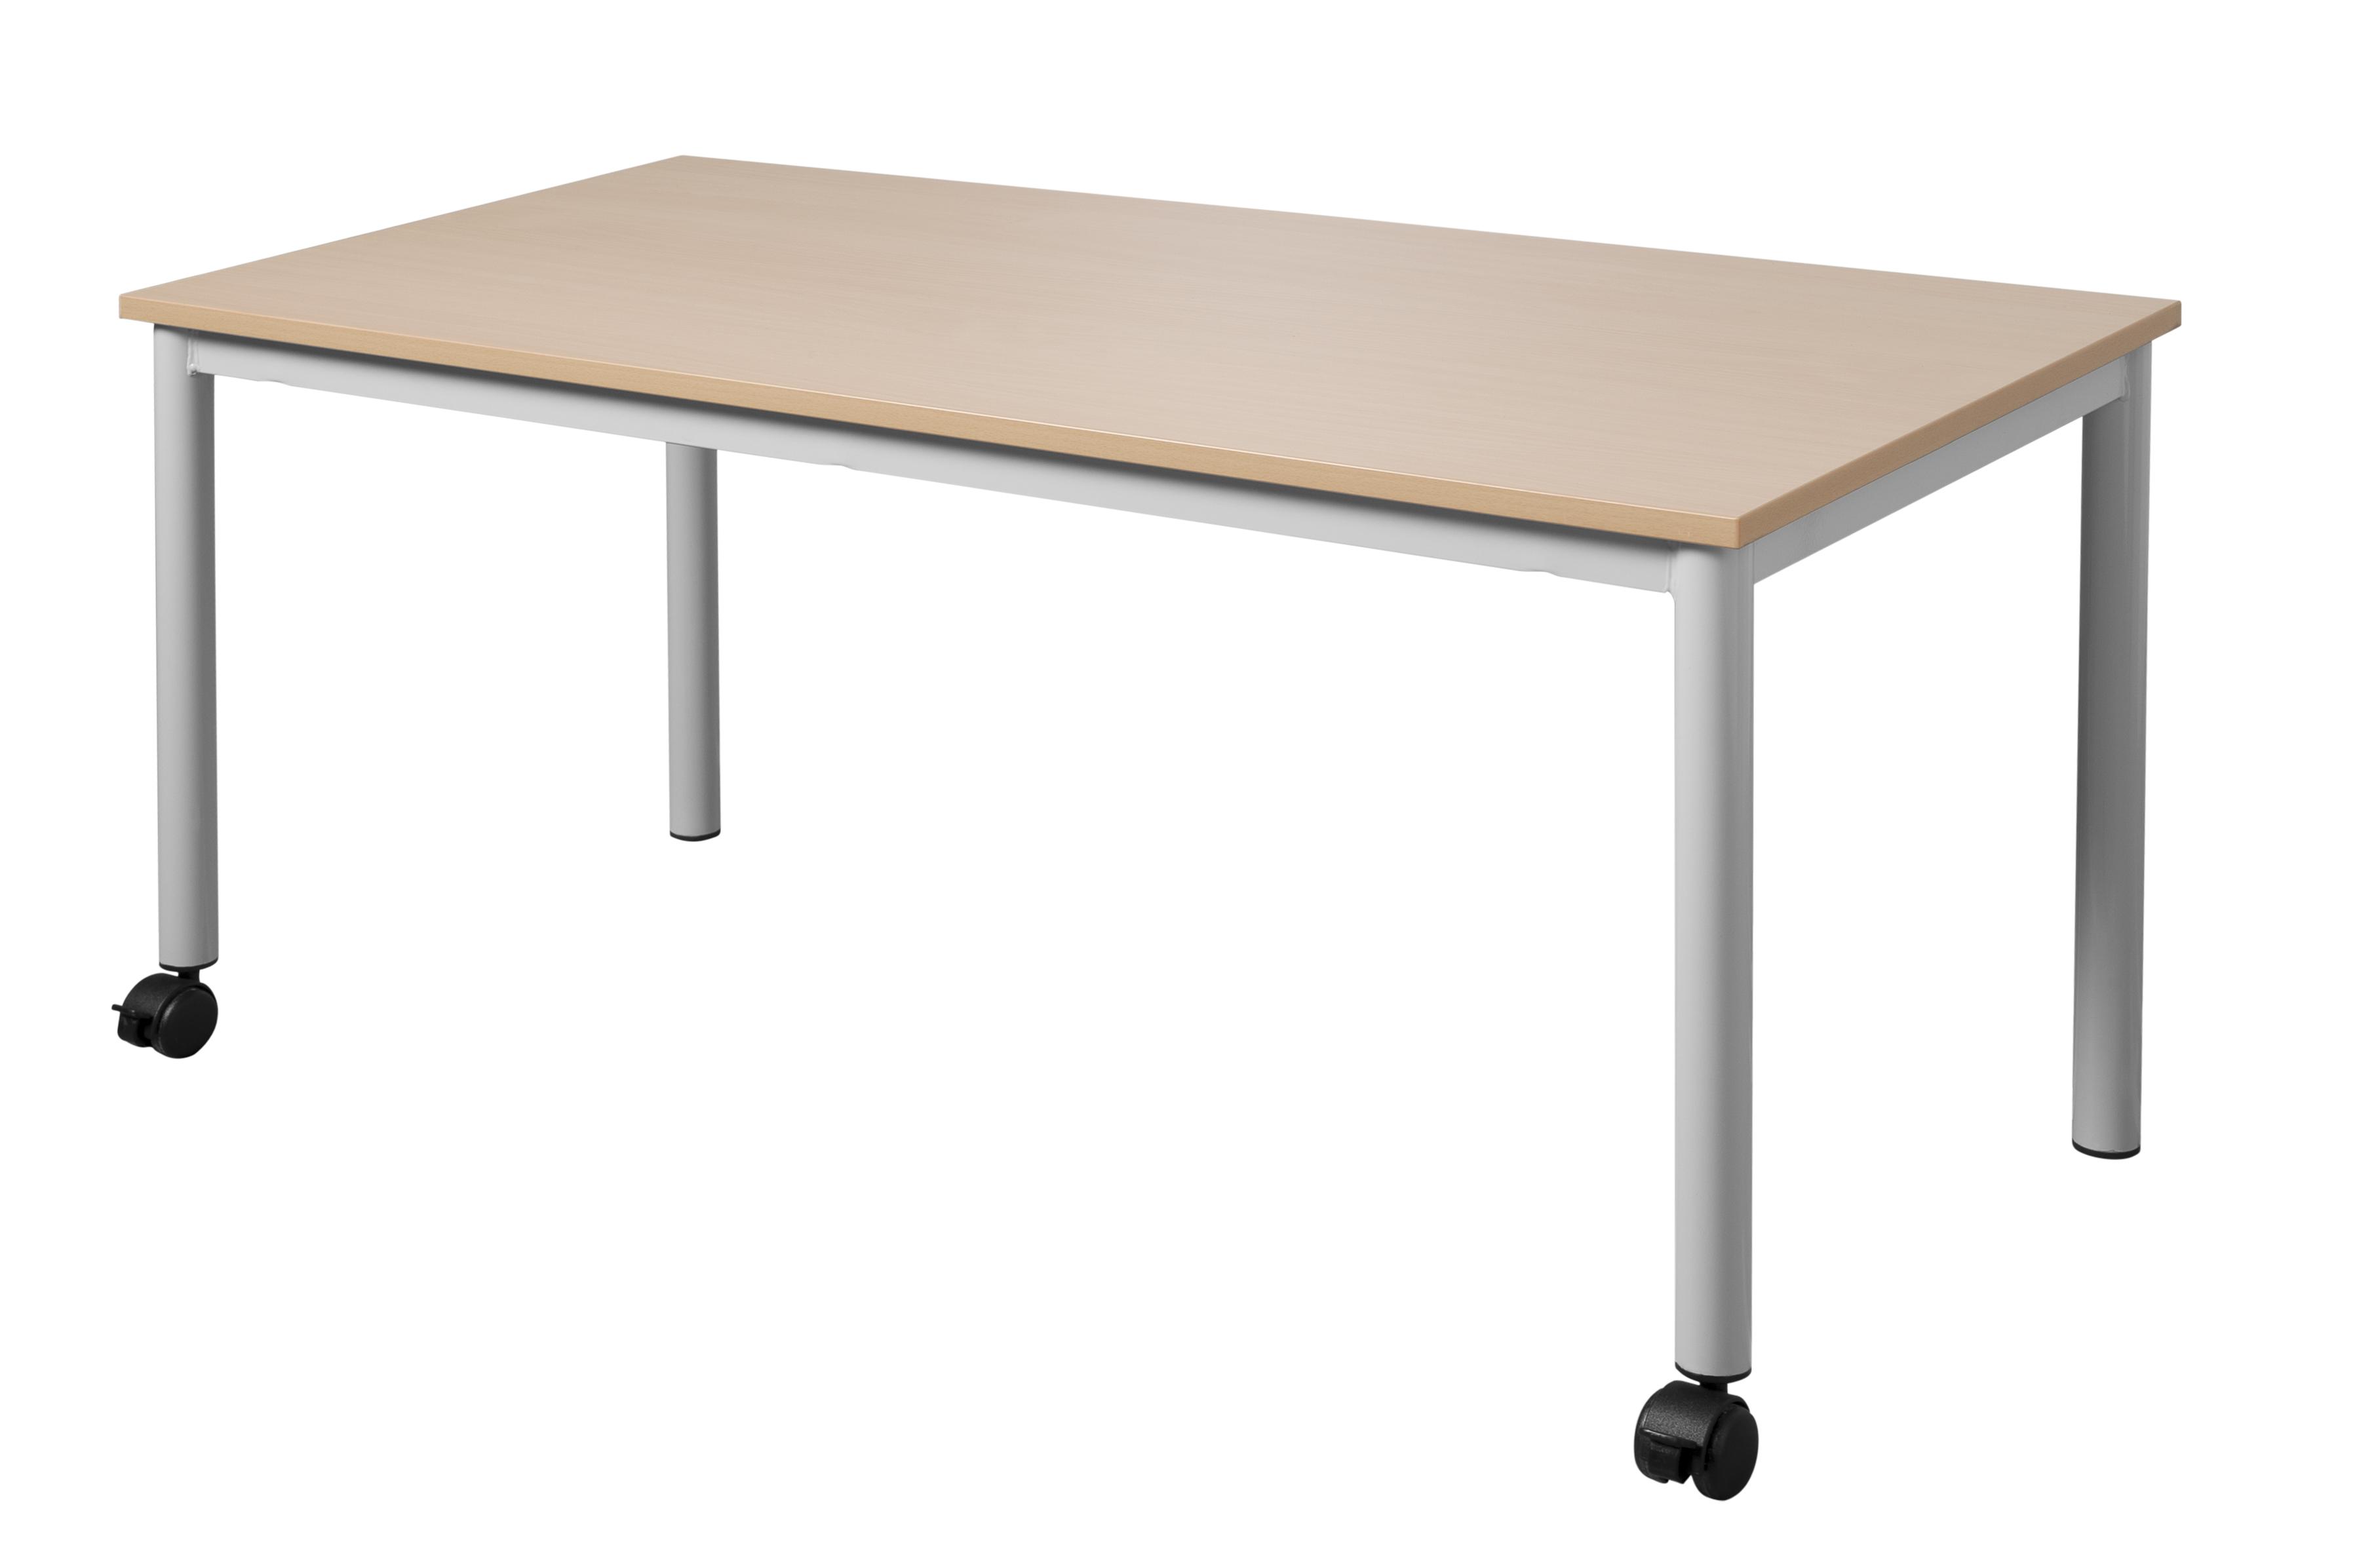 DPC - MATERNELLE Table maternelle fixe 4 pieds tube diamètre 40mm sur roulettes.